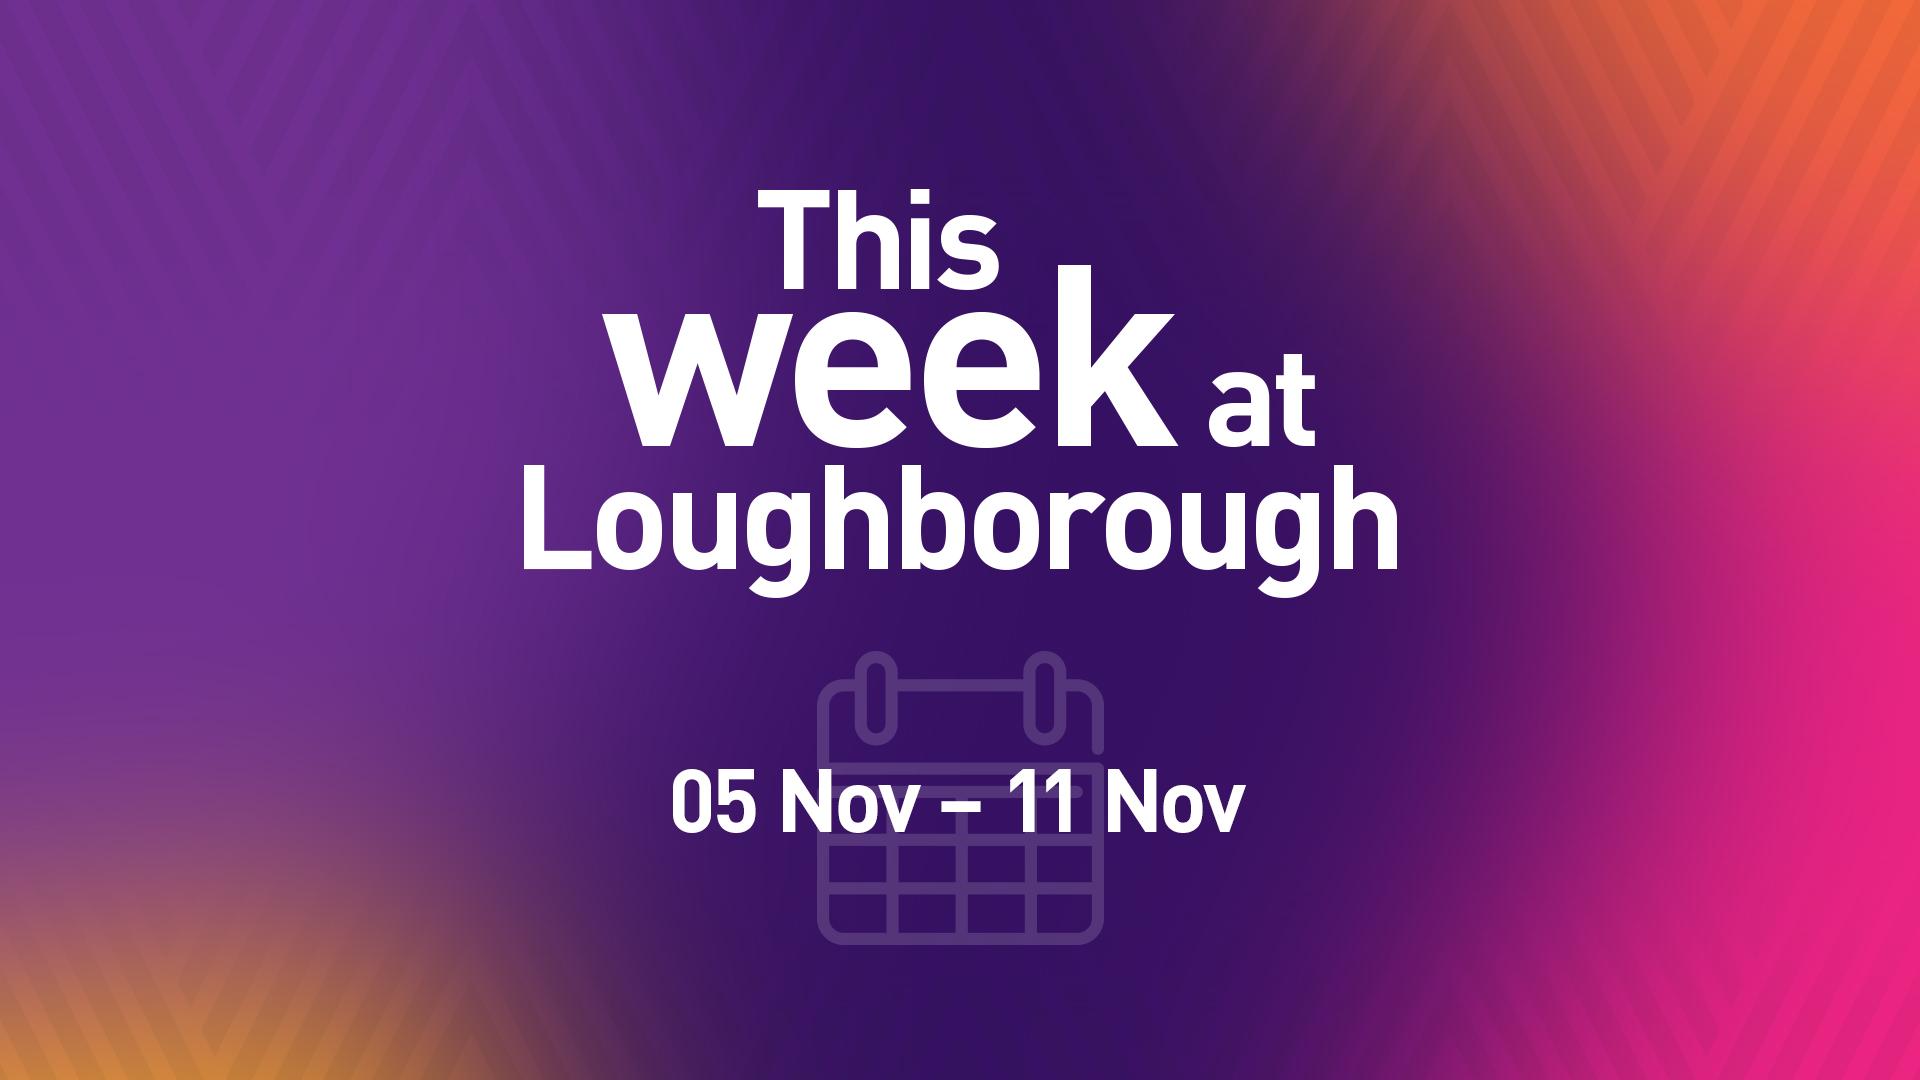 This Week at Loughborough |  5th November 2018